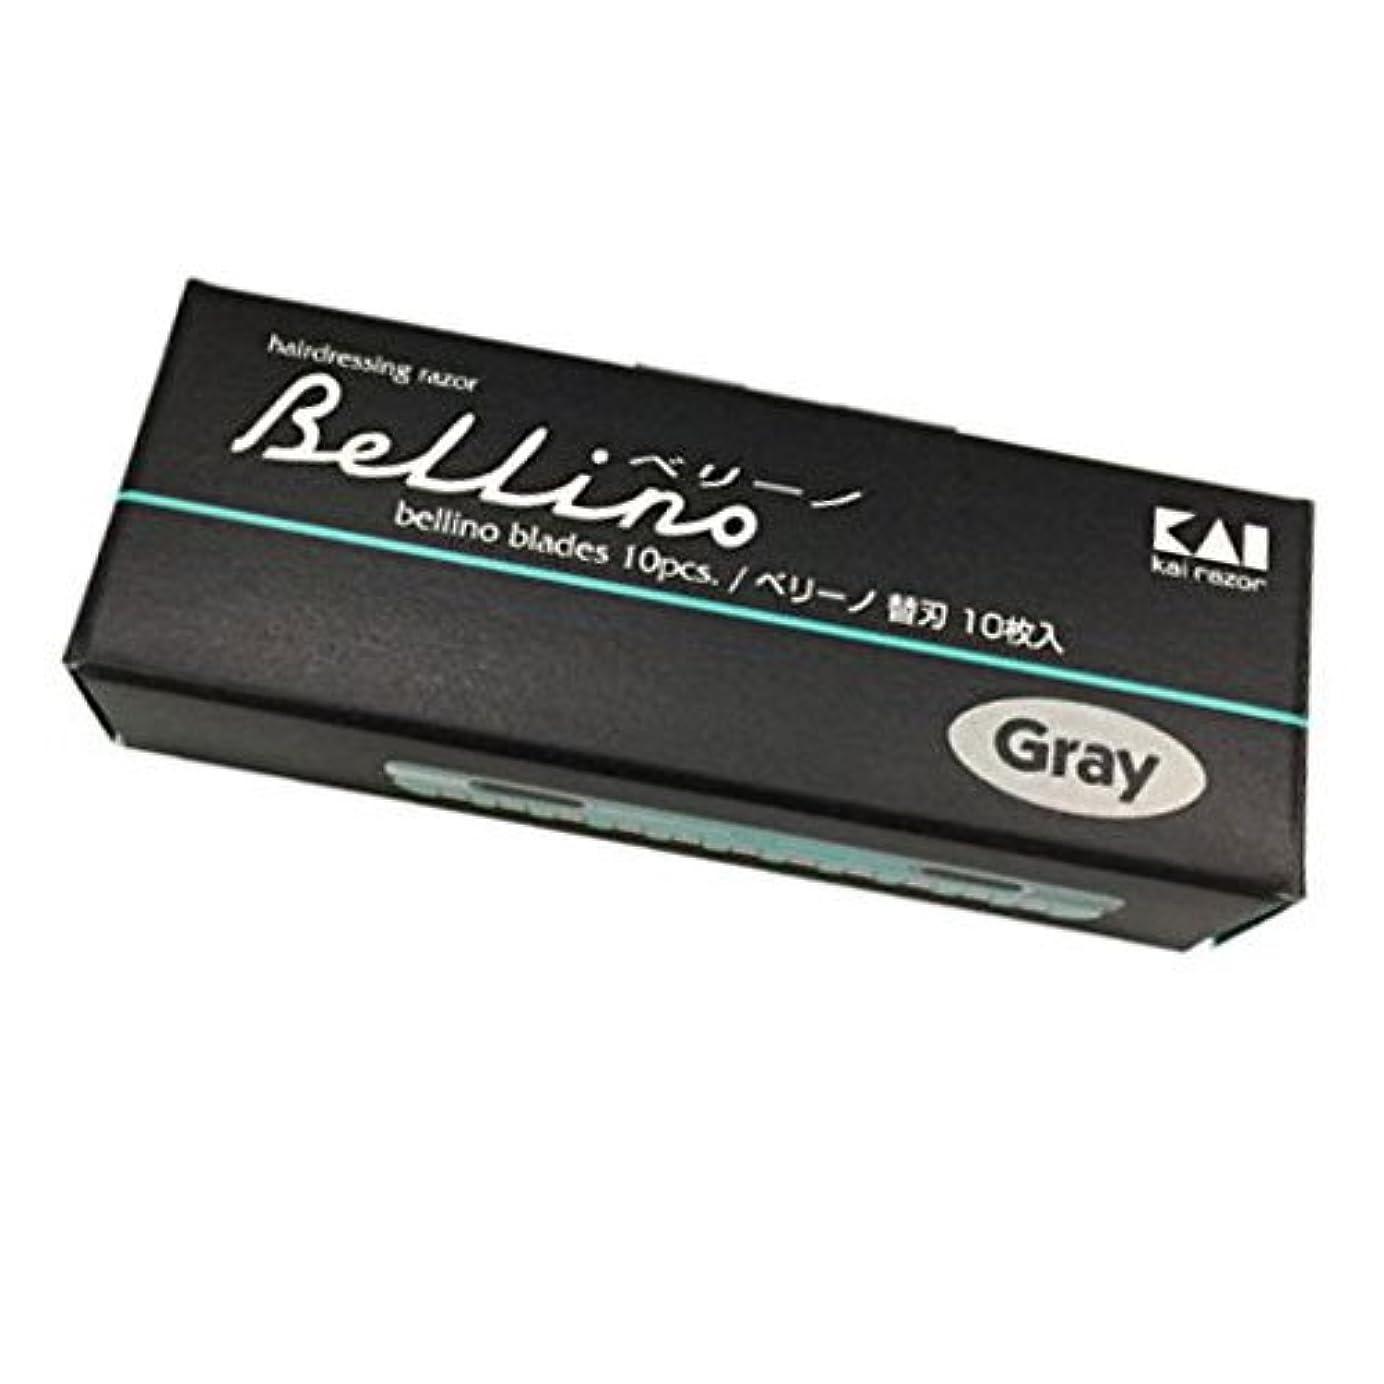 スラダムシャベル競争力のある貝印カミソリ ベリーノ替刃 10枚入